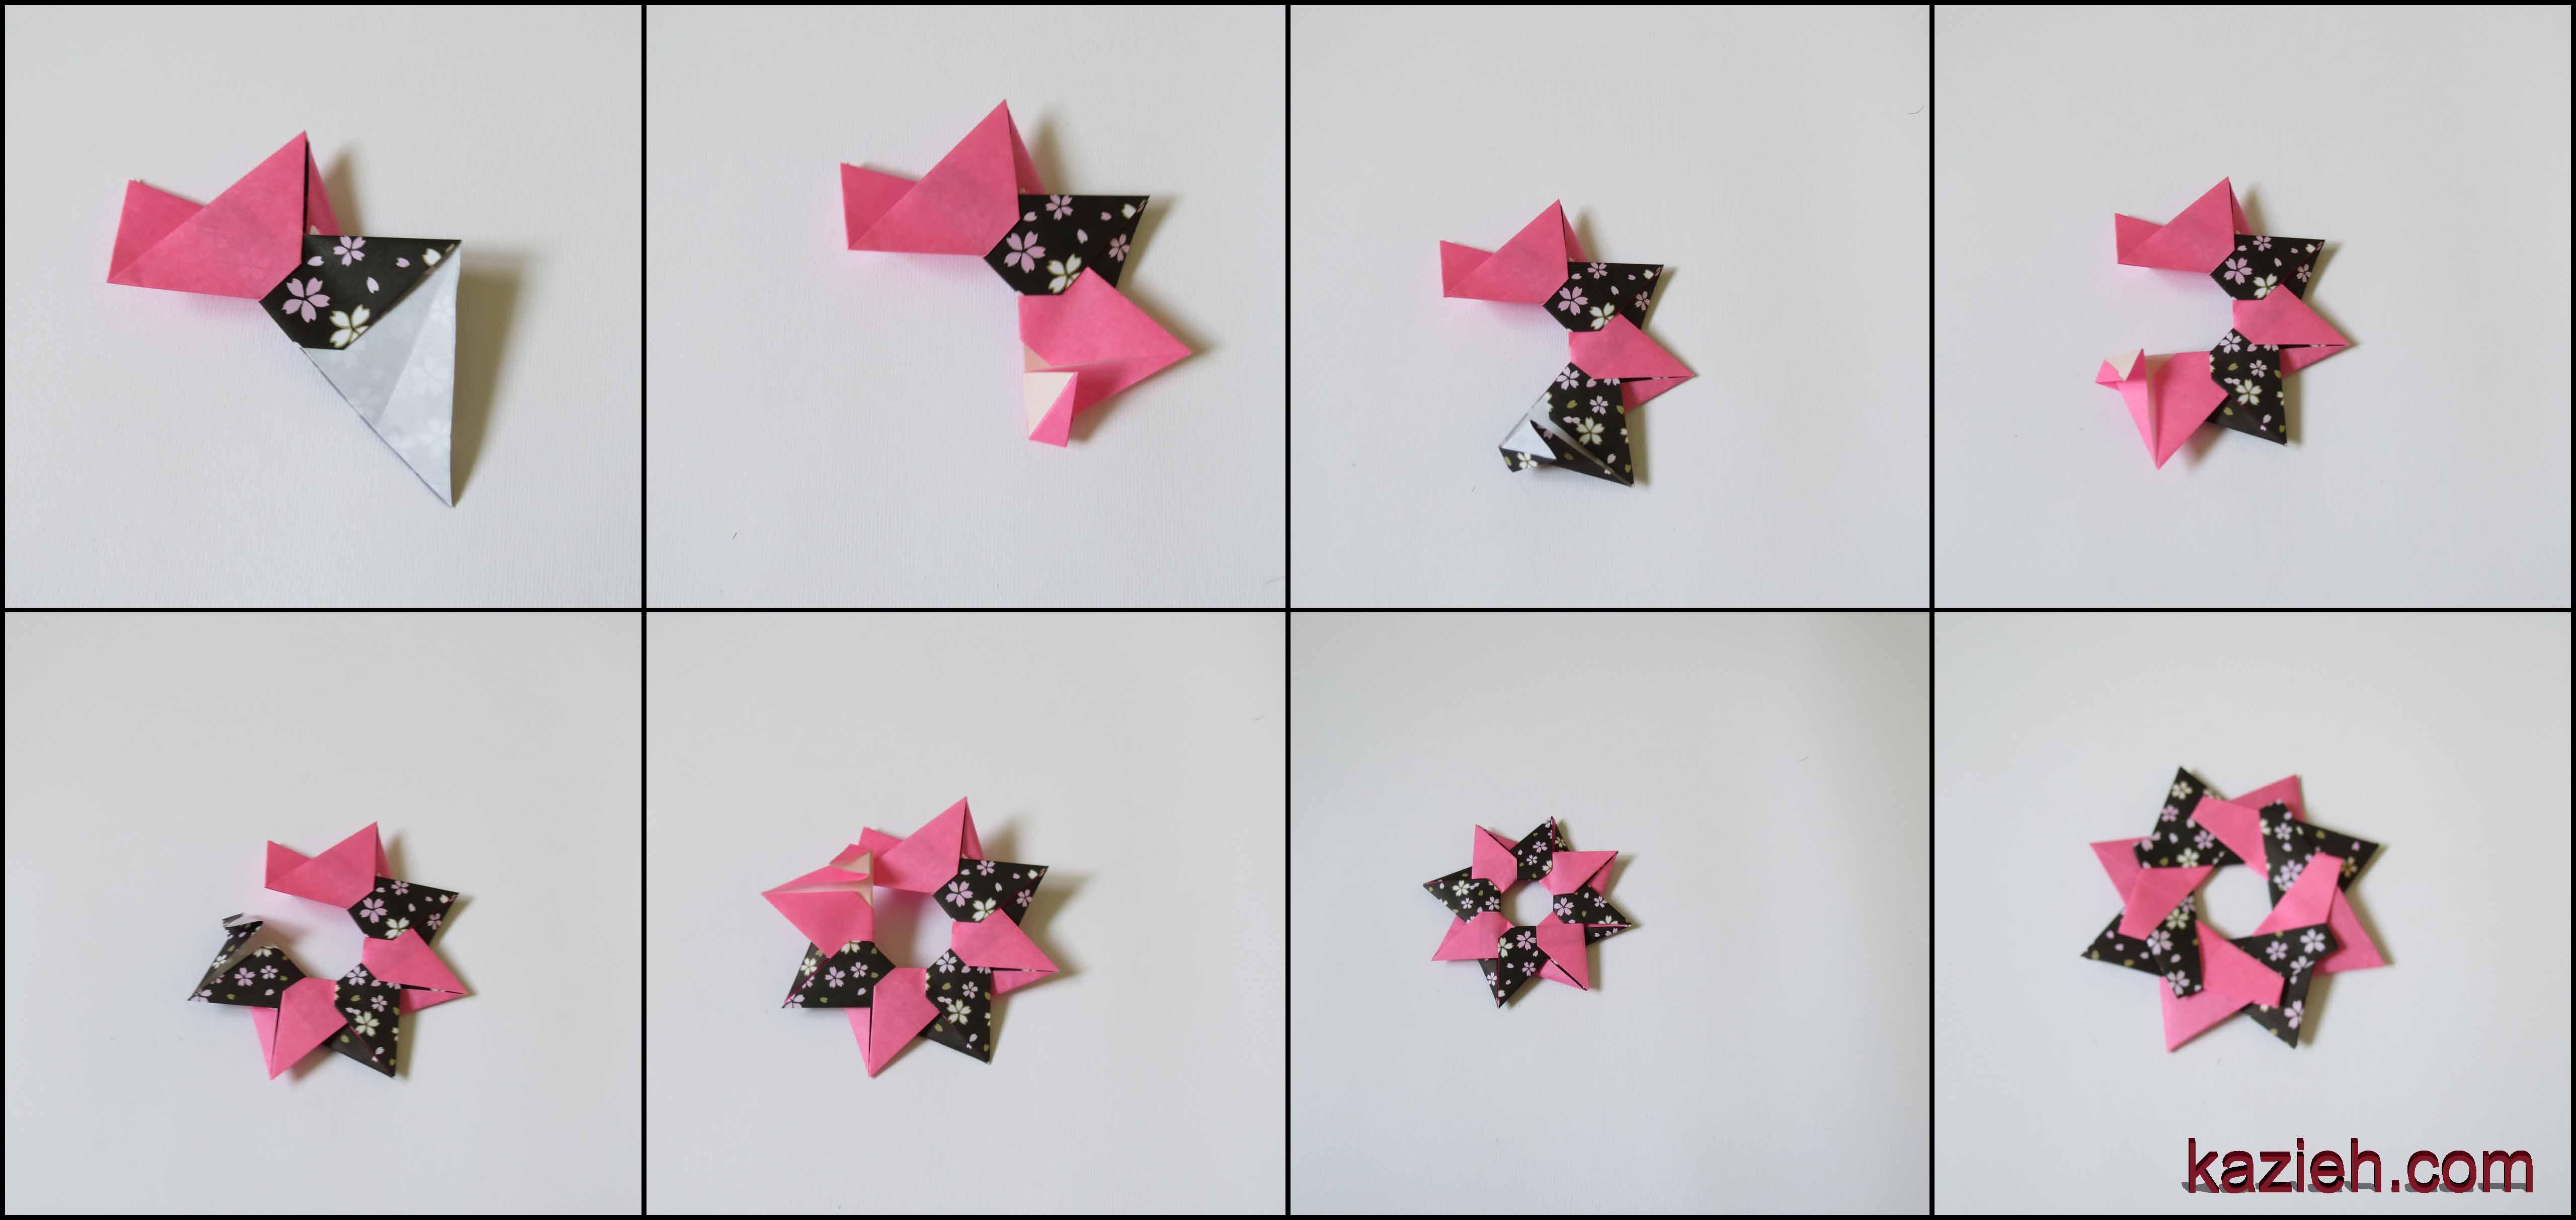 آموزش ستاره اوریگامی رابین-  اتصال واحدها - کازیه